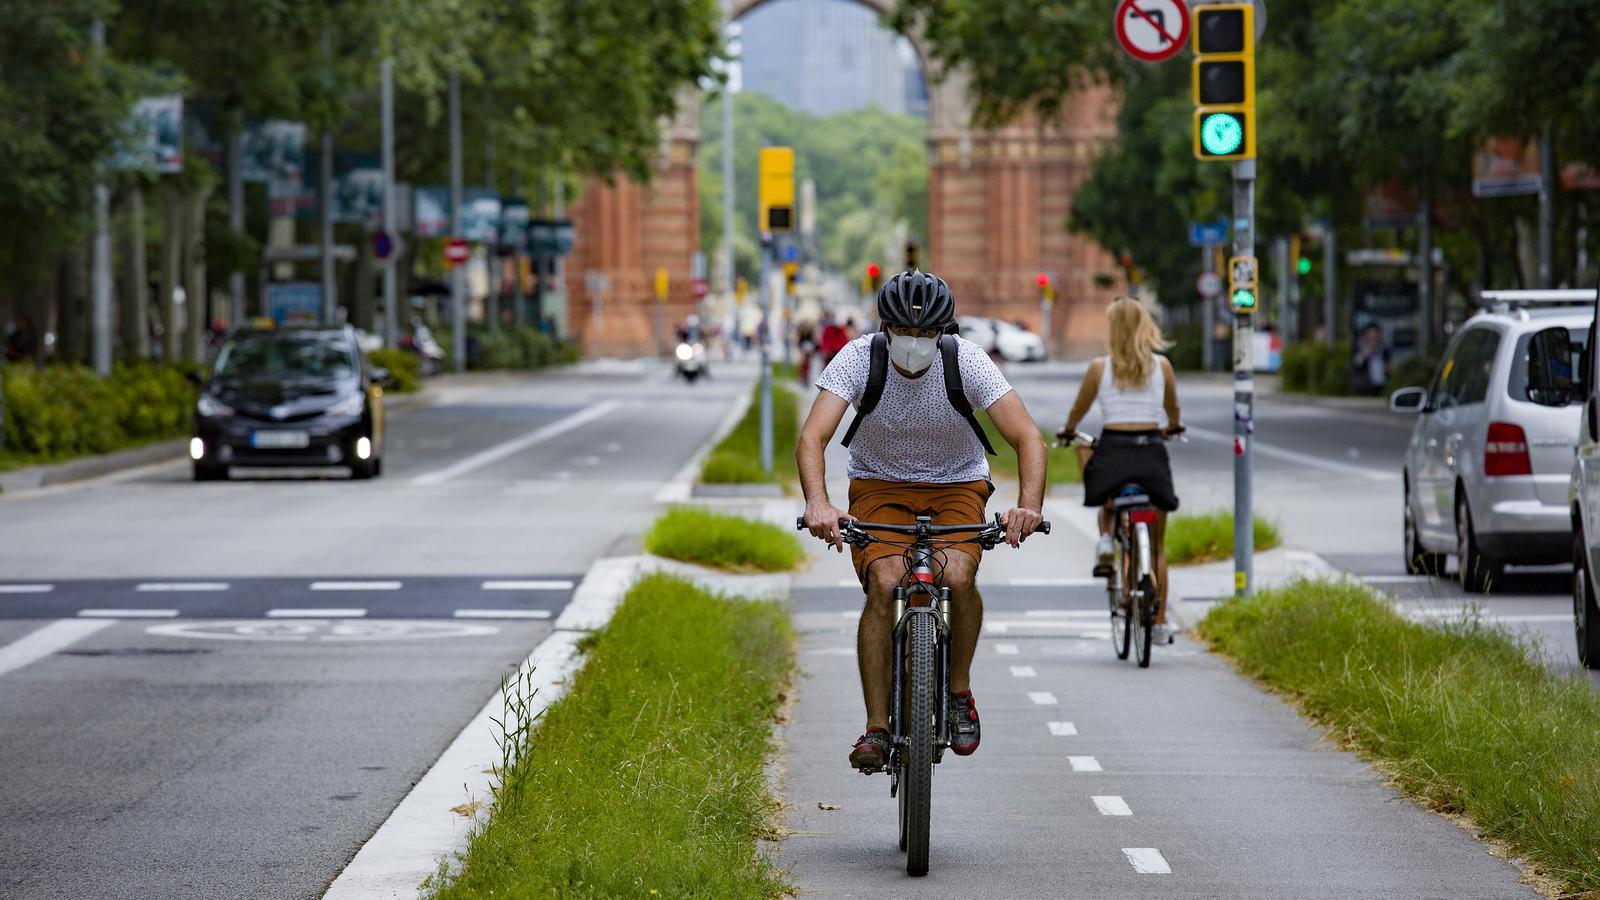 Un noi circula en bicicleta i mascareta pel Passeig Sant Joan de Barcelona